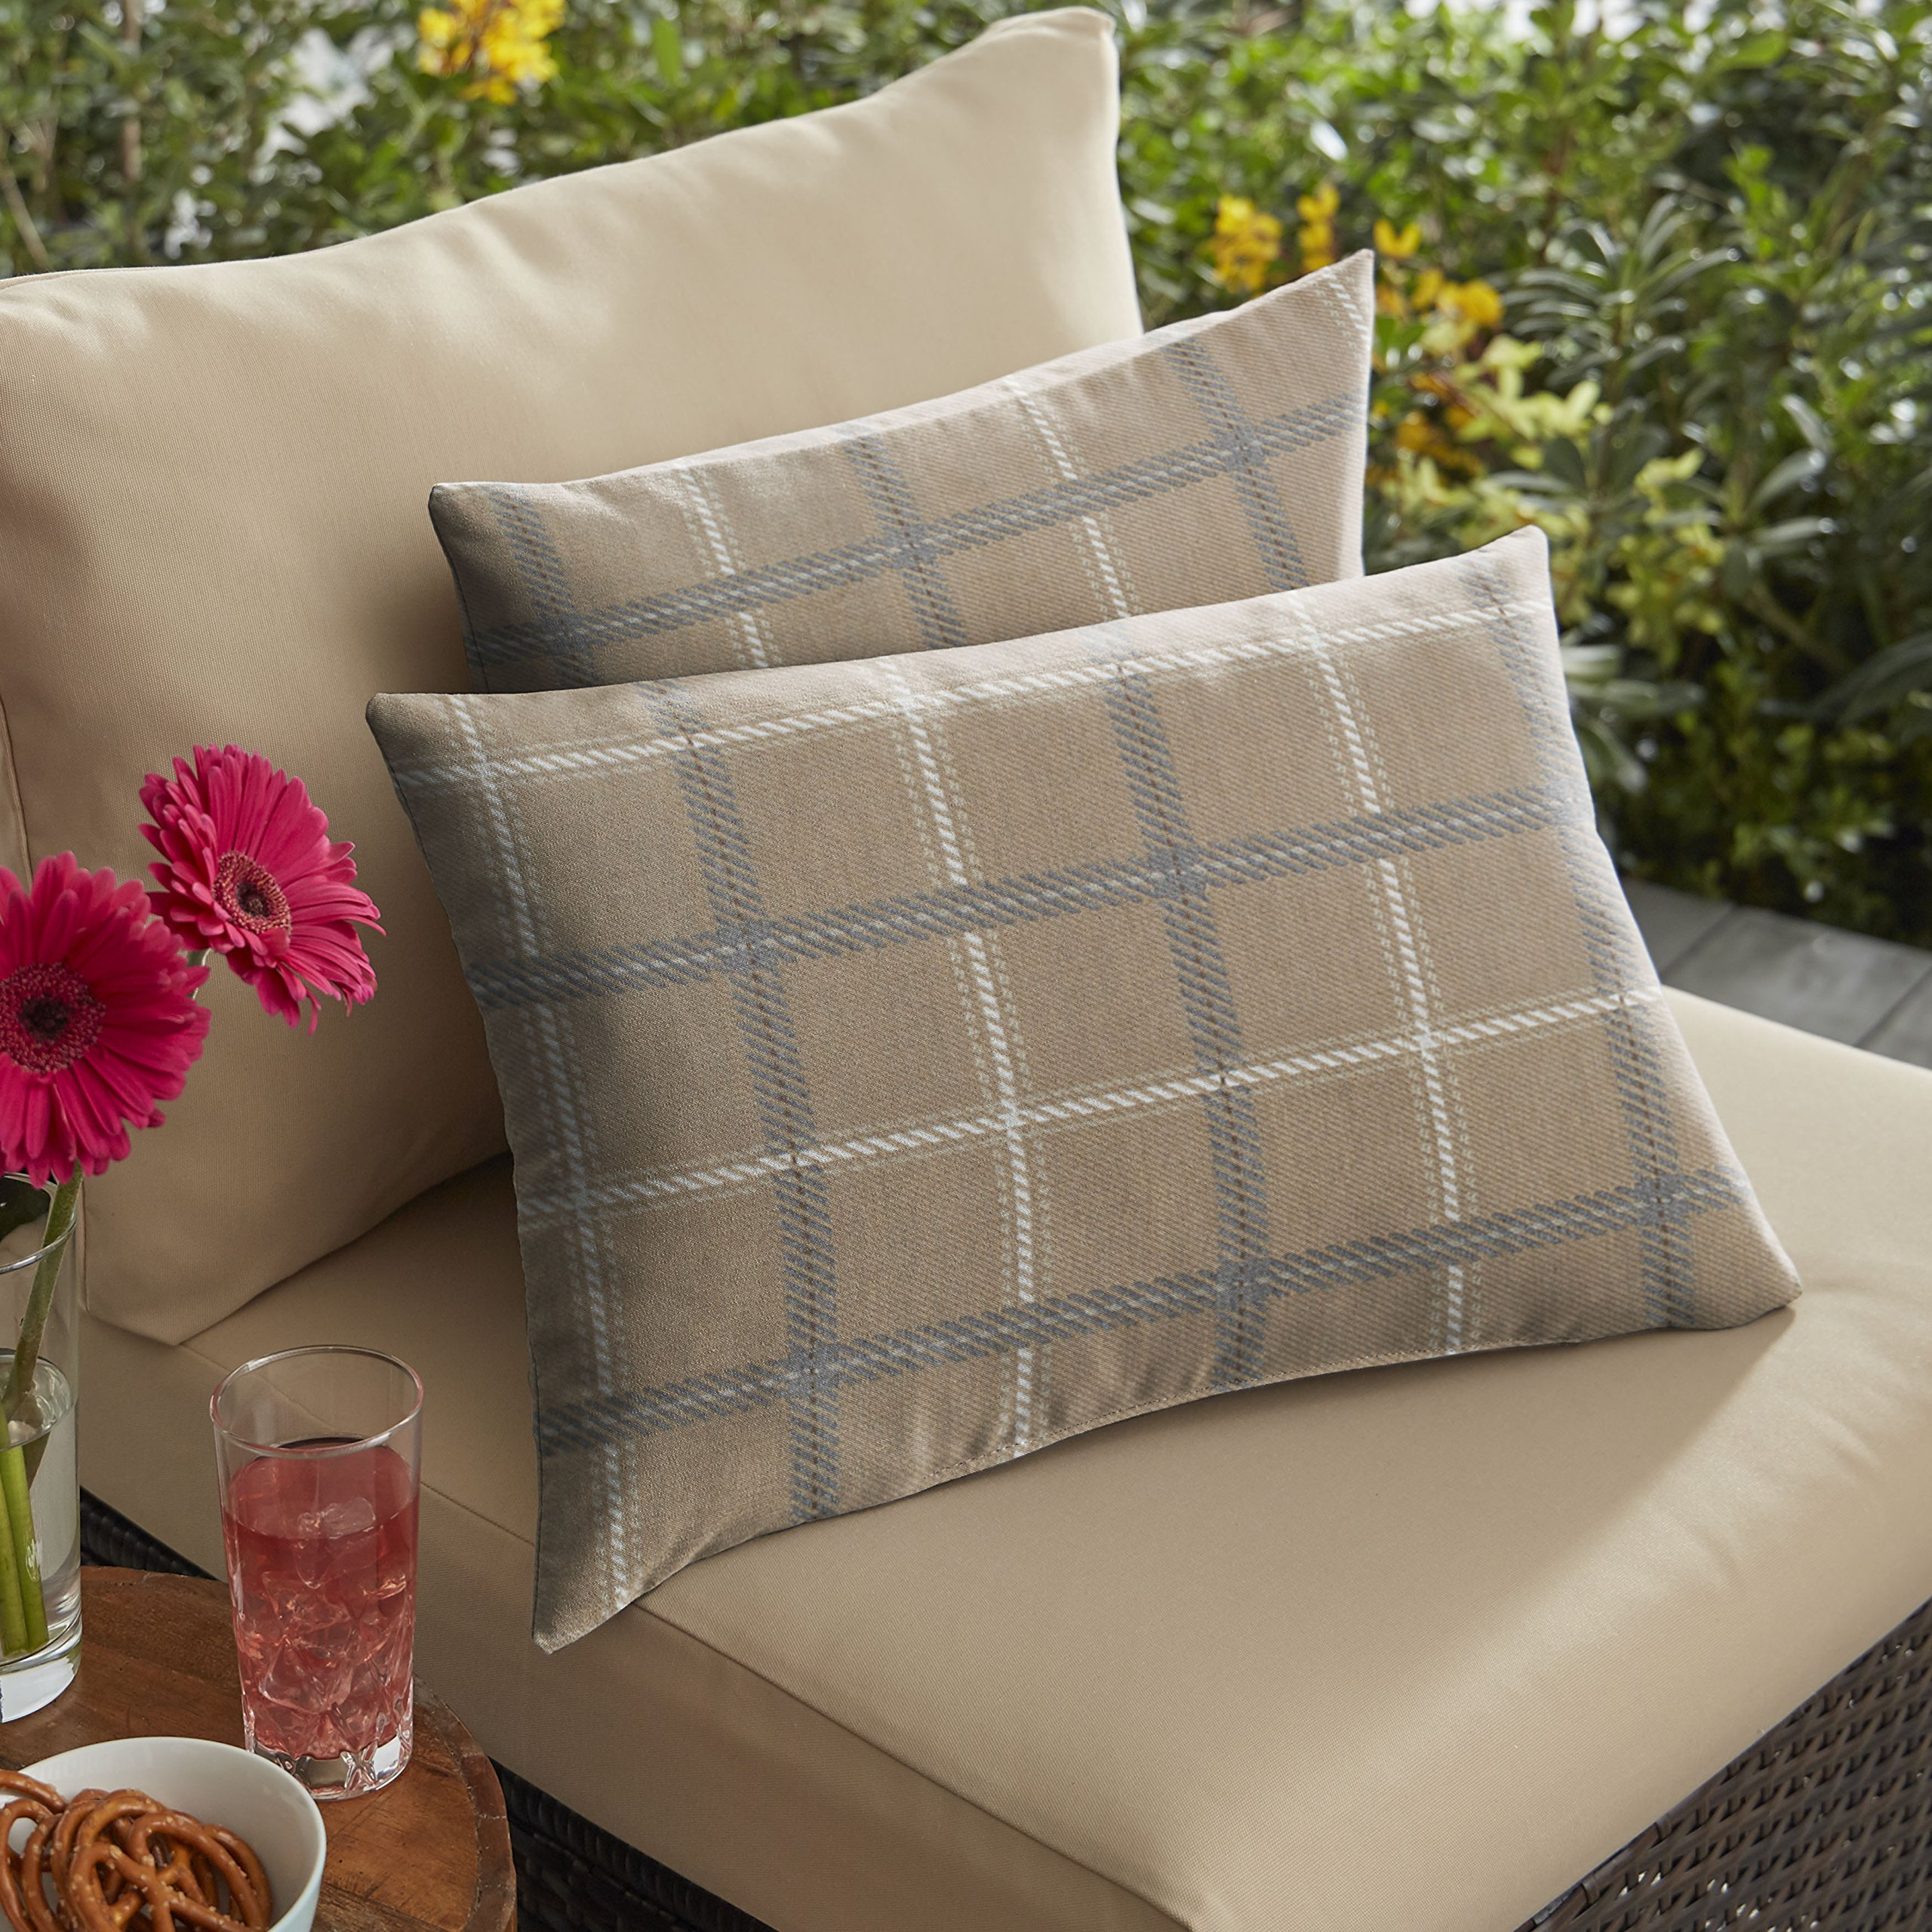 Mozaic AMPS116902 Sunbrella Tartan Plaid Indoor/Outdoor Lumbar Pillow (Set of 2), 12'' x 18'', Tan